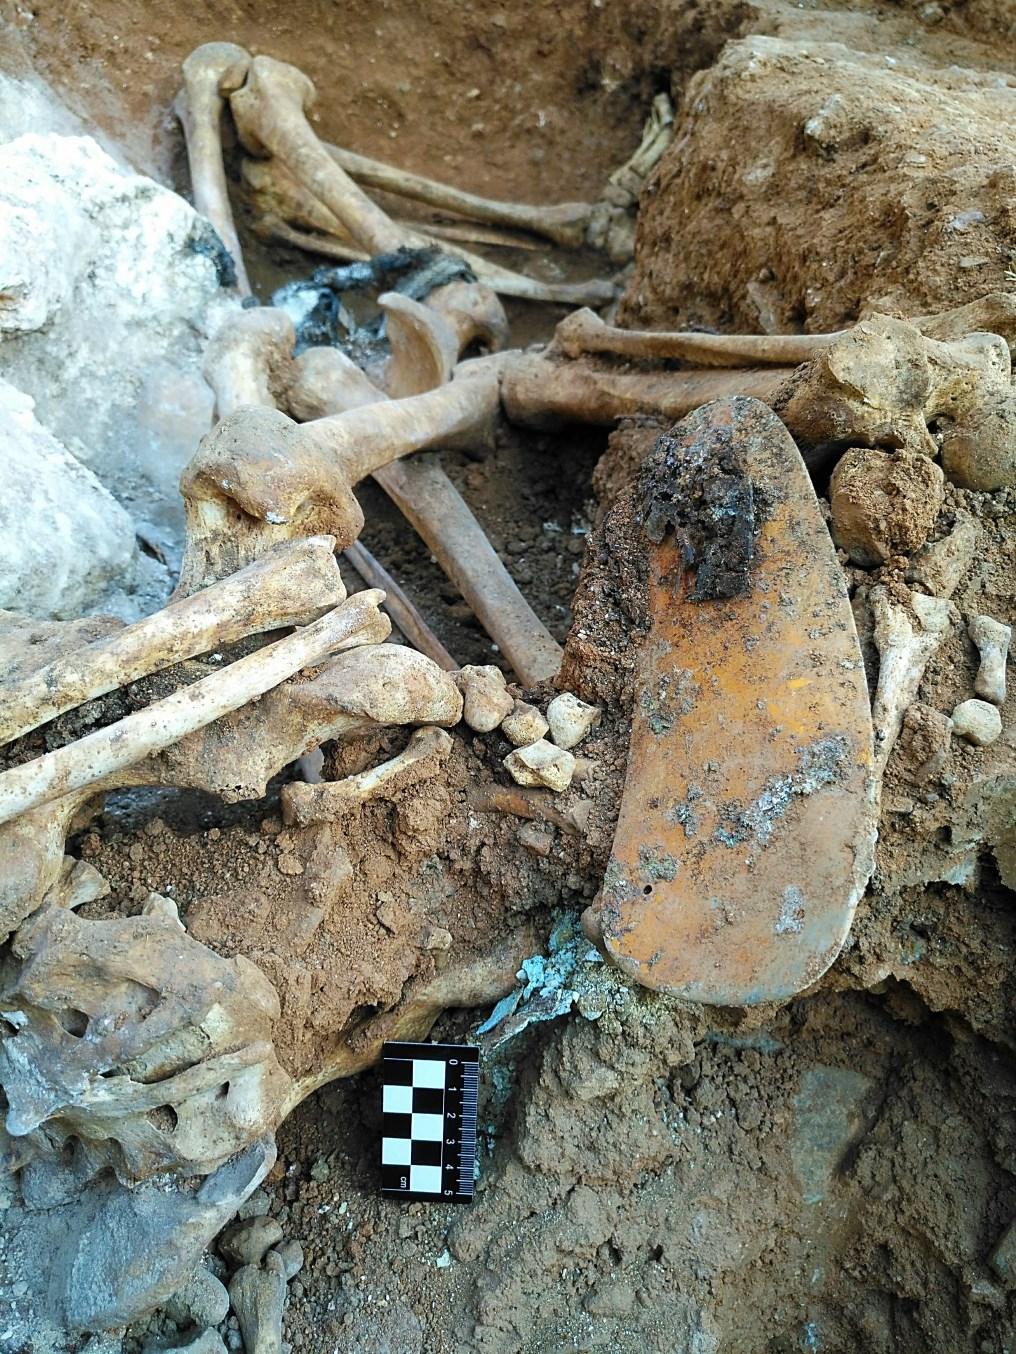 Detall de la indumentària d'un dels inhumats. Foto: Esther Medina